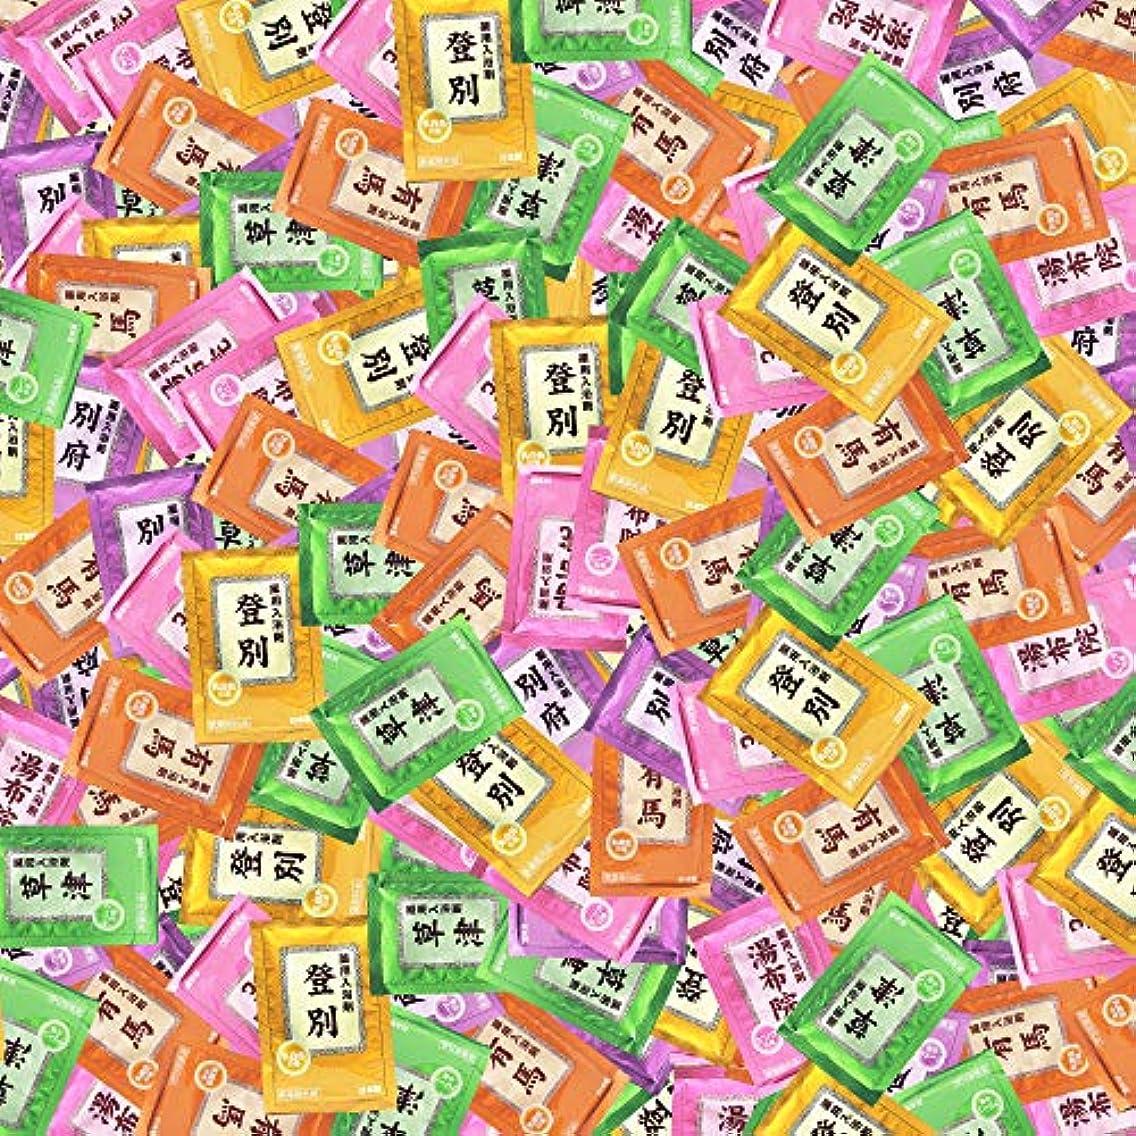 製造テンポ感謝する入浴剤 ギフト プレゼント 湯宿めぐり 5種類 400袋)セット